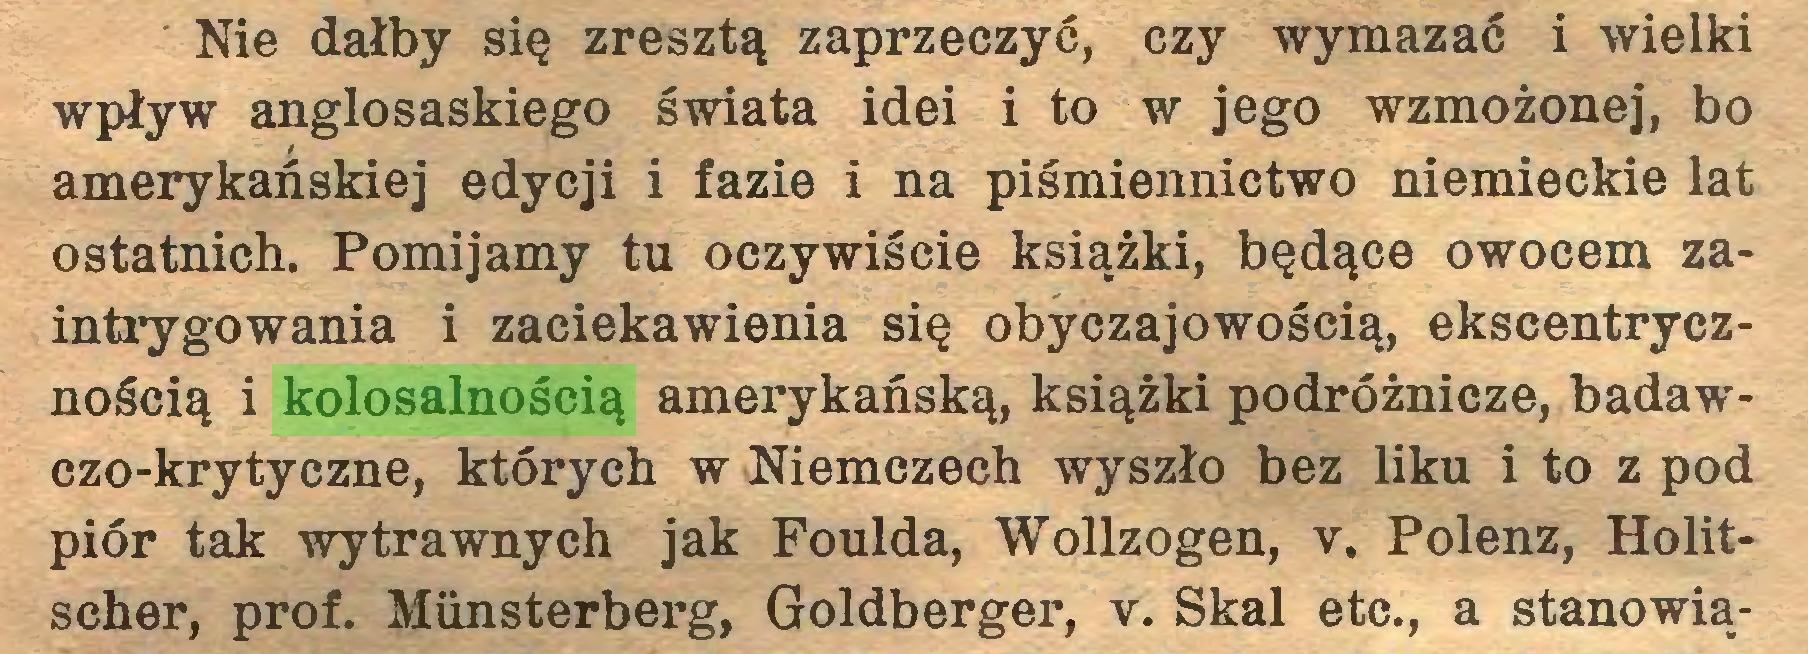 (...) Nie dałby się zresztą zaprzeczyć, czy wymazać i wielki wpływ anglosaskiego świata idei i to w jego wzmożonej, bo amerykańskiej edycji i fazie i na piśmiennictwo niemieckie lat ostatnich. Pomijamy tu oczywiście książki, będące owocem zaintrygowania i zaciekawienia się obyczajowością, ekscentrycznością i kolosalnością amerykańską, książki podróżnicze, badawczo-krytyczne, których w Niemczech wyszło bez liku i to z pod piór tak wytrawnych jak Foulda, Wollzogen, v. Polenz, Holitscher, prof. Münsterberg, Goldberger, v. Skal etc., a stanowią...